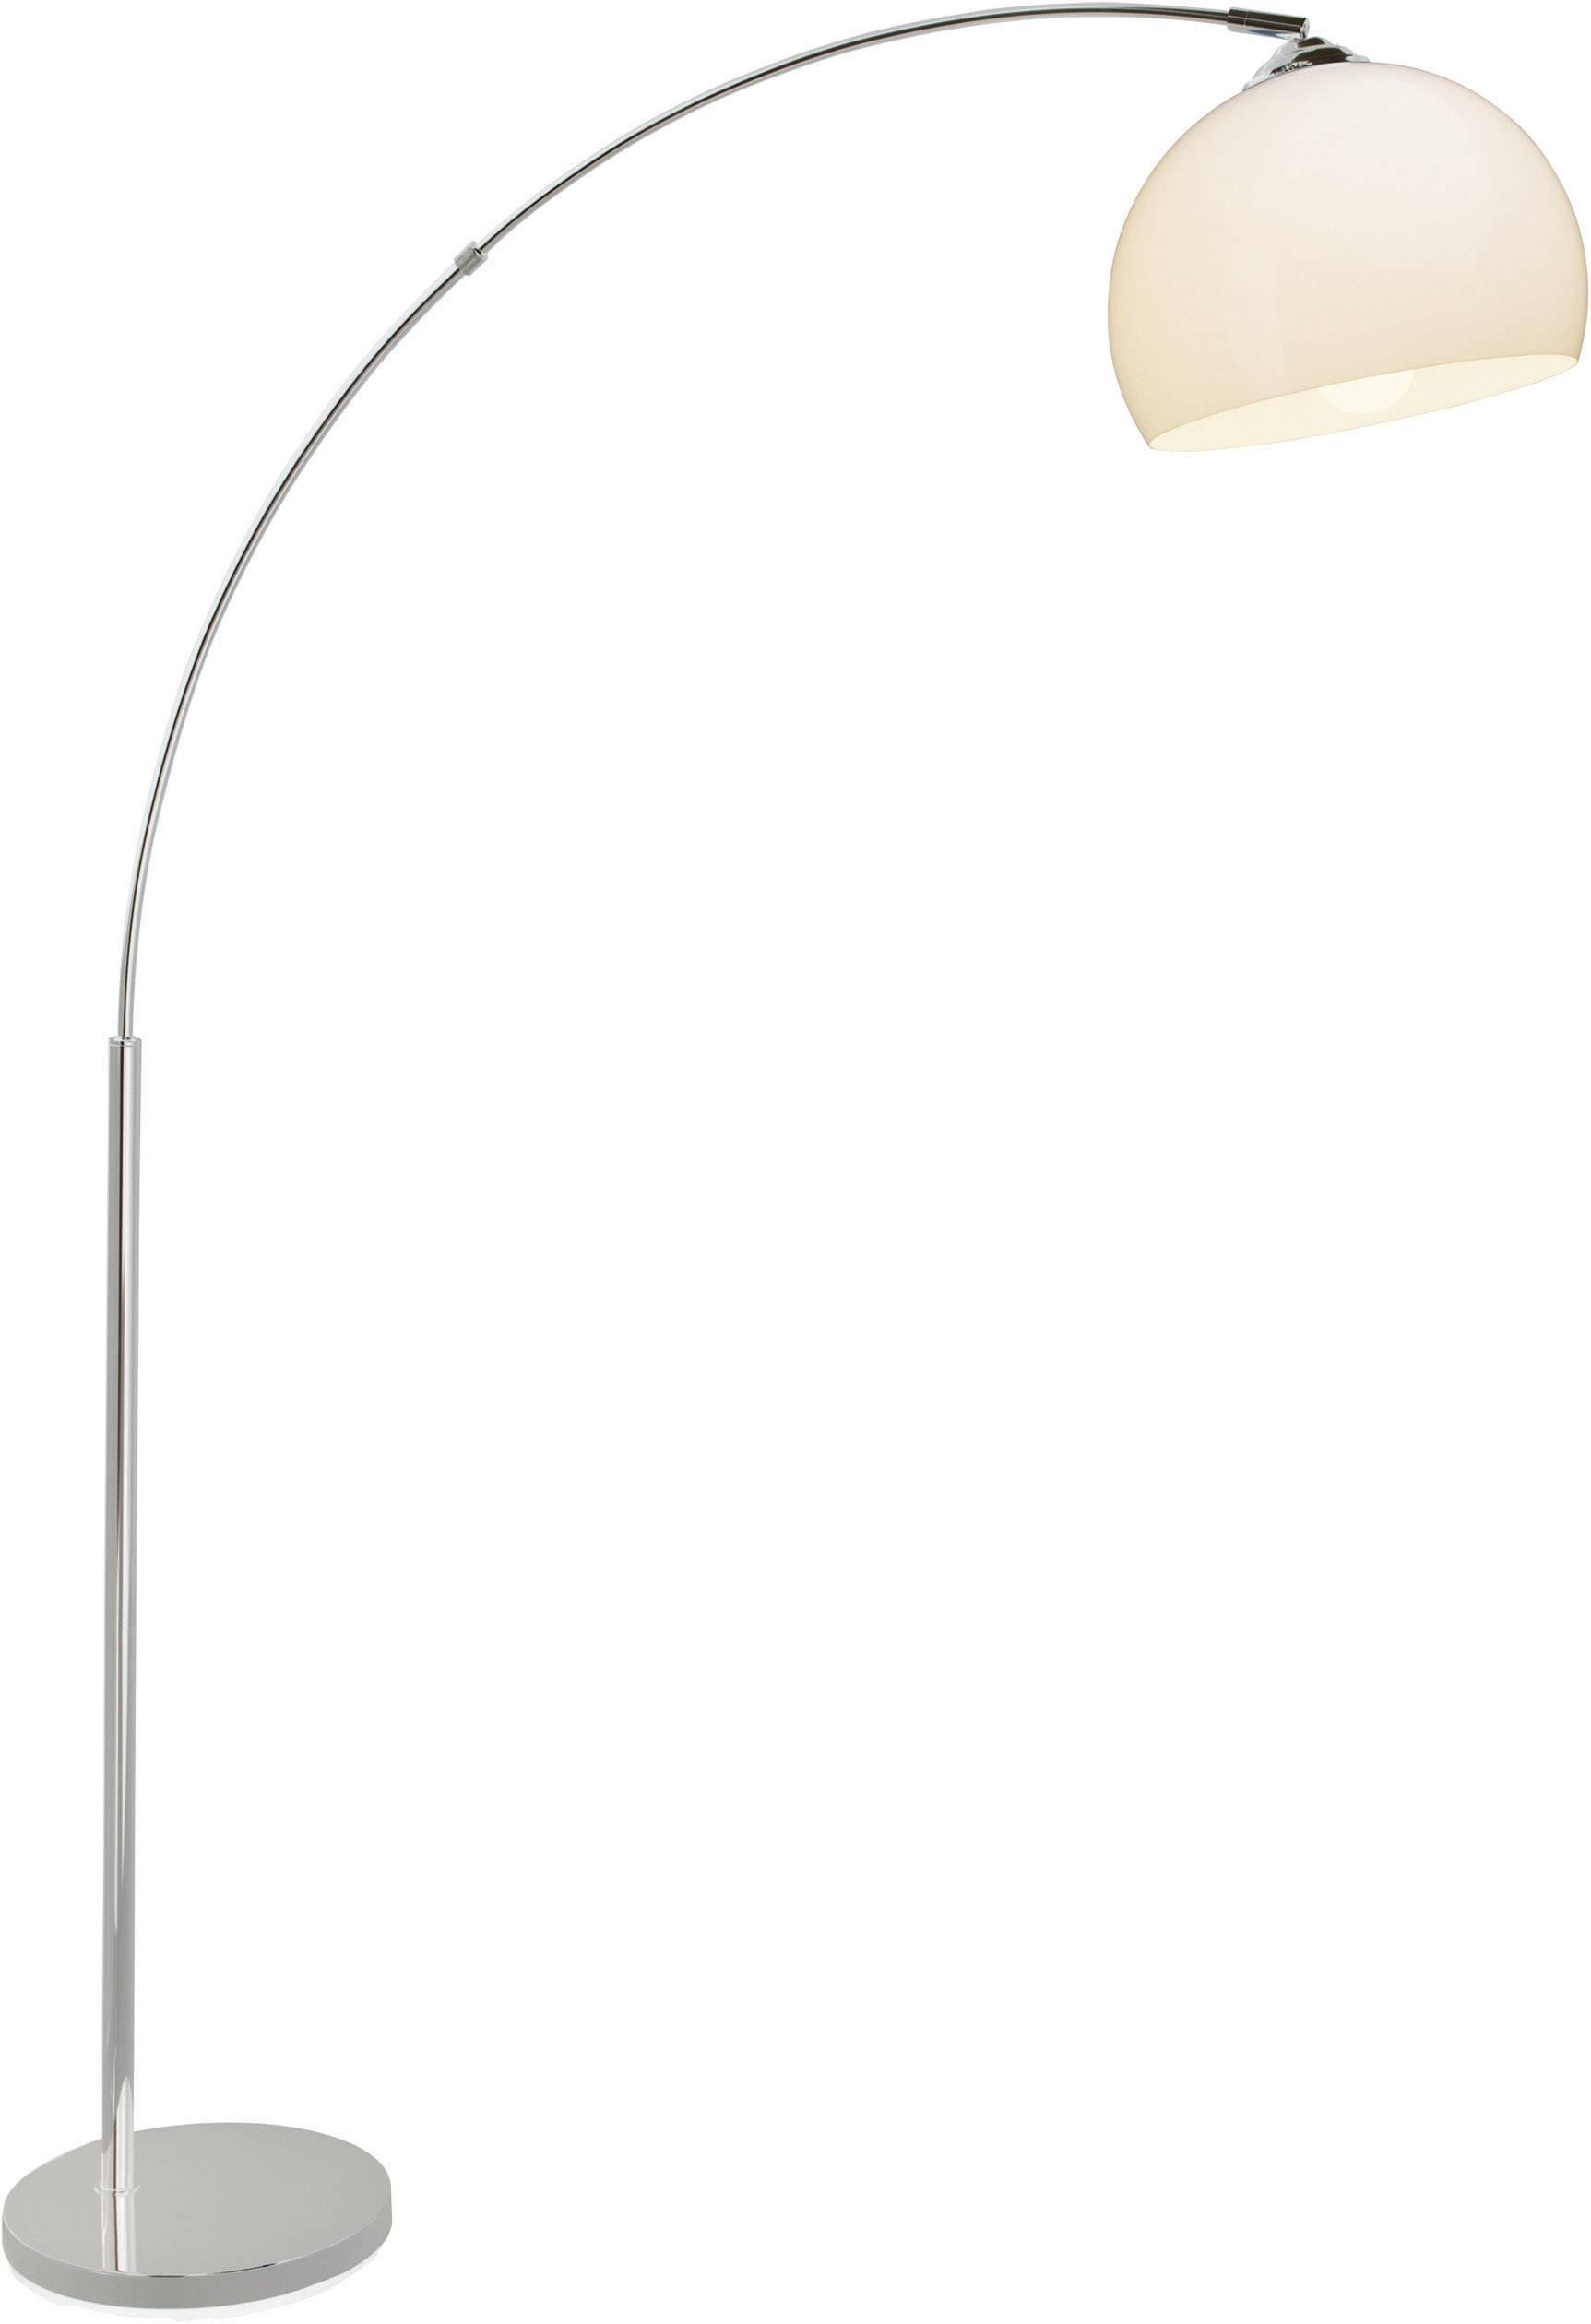 60w Brilliant Stand Lampe Lampadaire vessa e27 Max